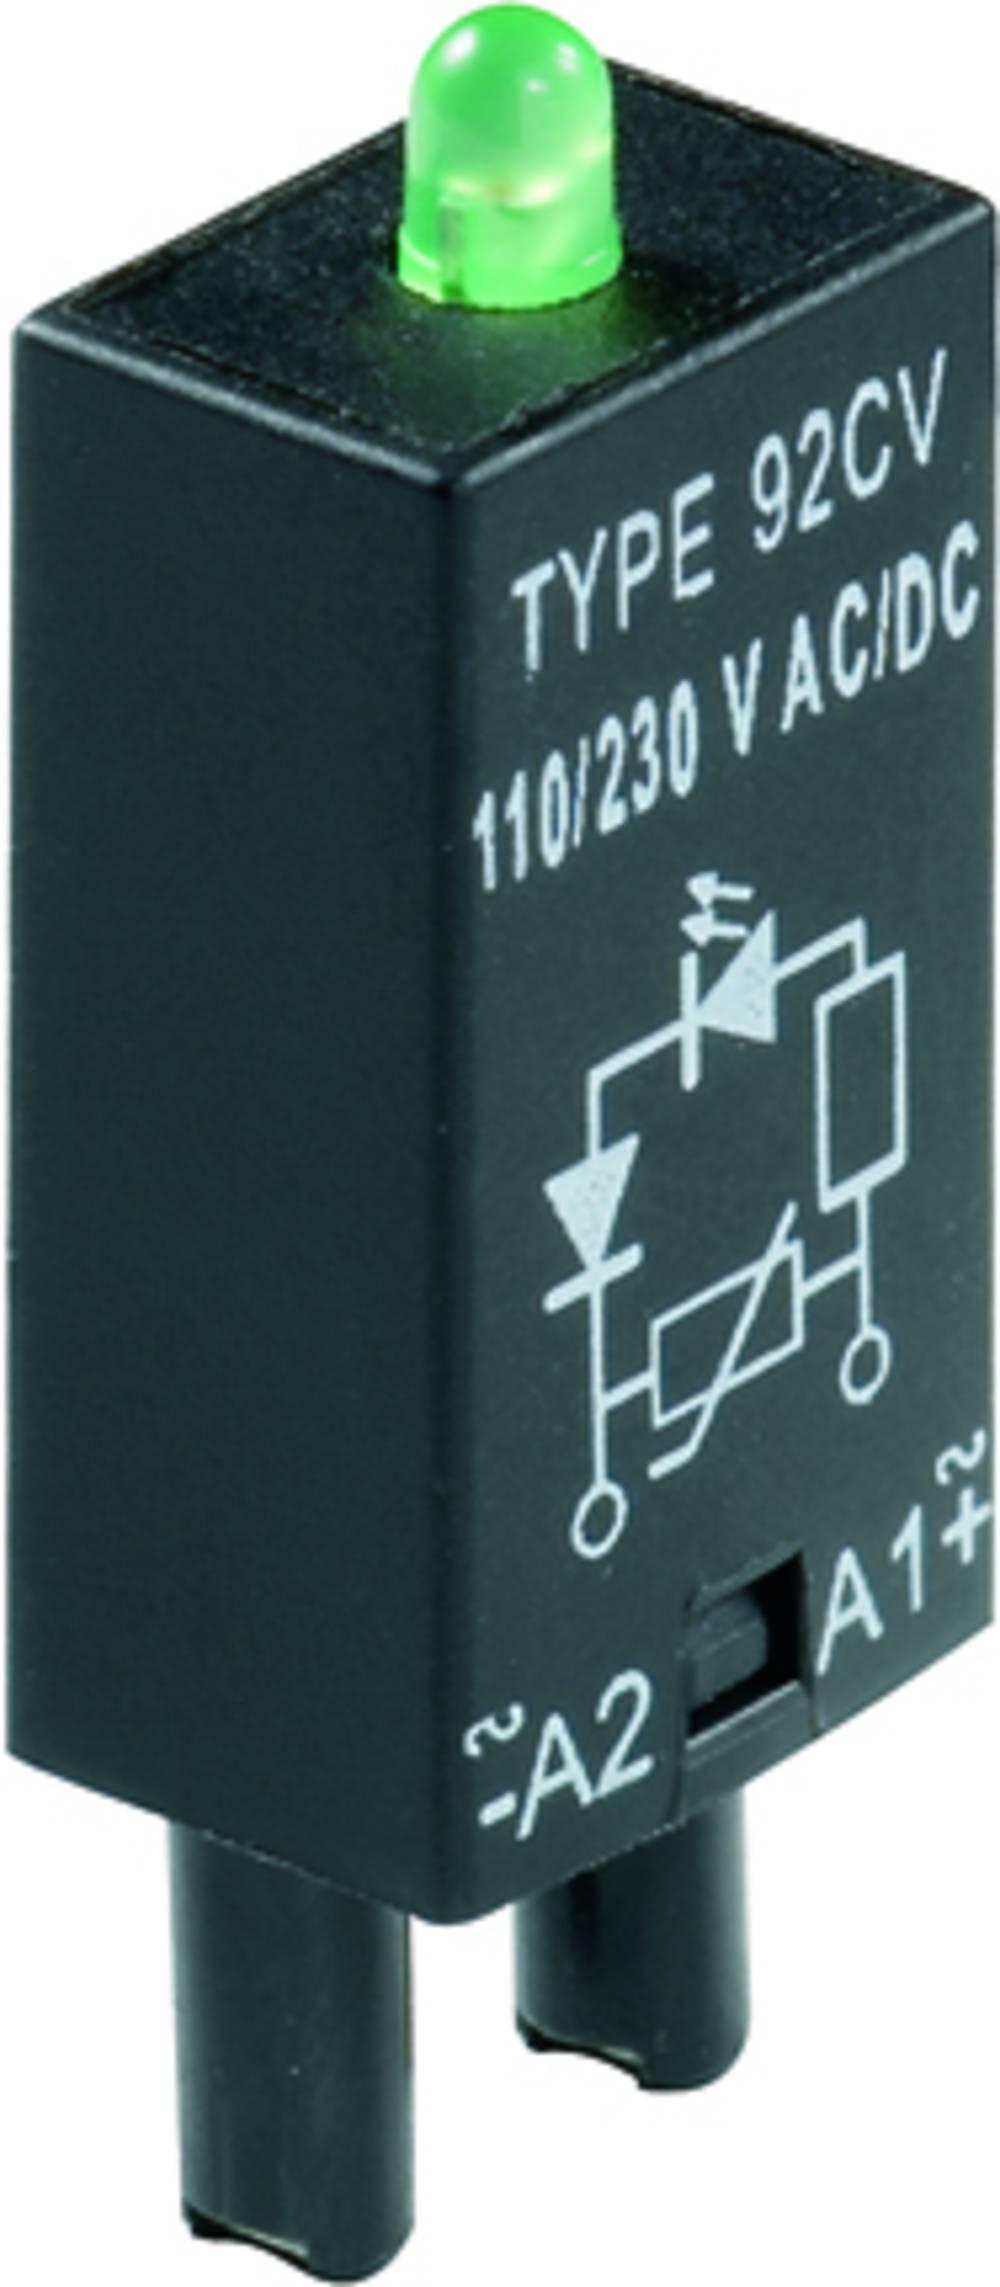 Indstiksmodul med LED, Med friløbsdiode 10 stk Weidmüller RIM 2 24 / 60VDC GN Lysfarve: Grøn Passer til serie: Weidmüller serie